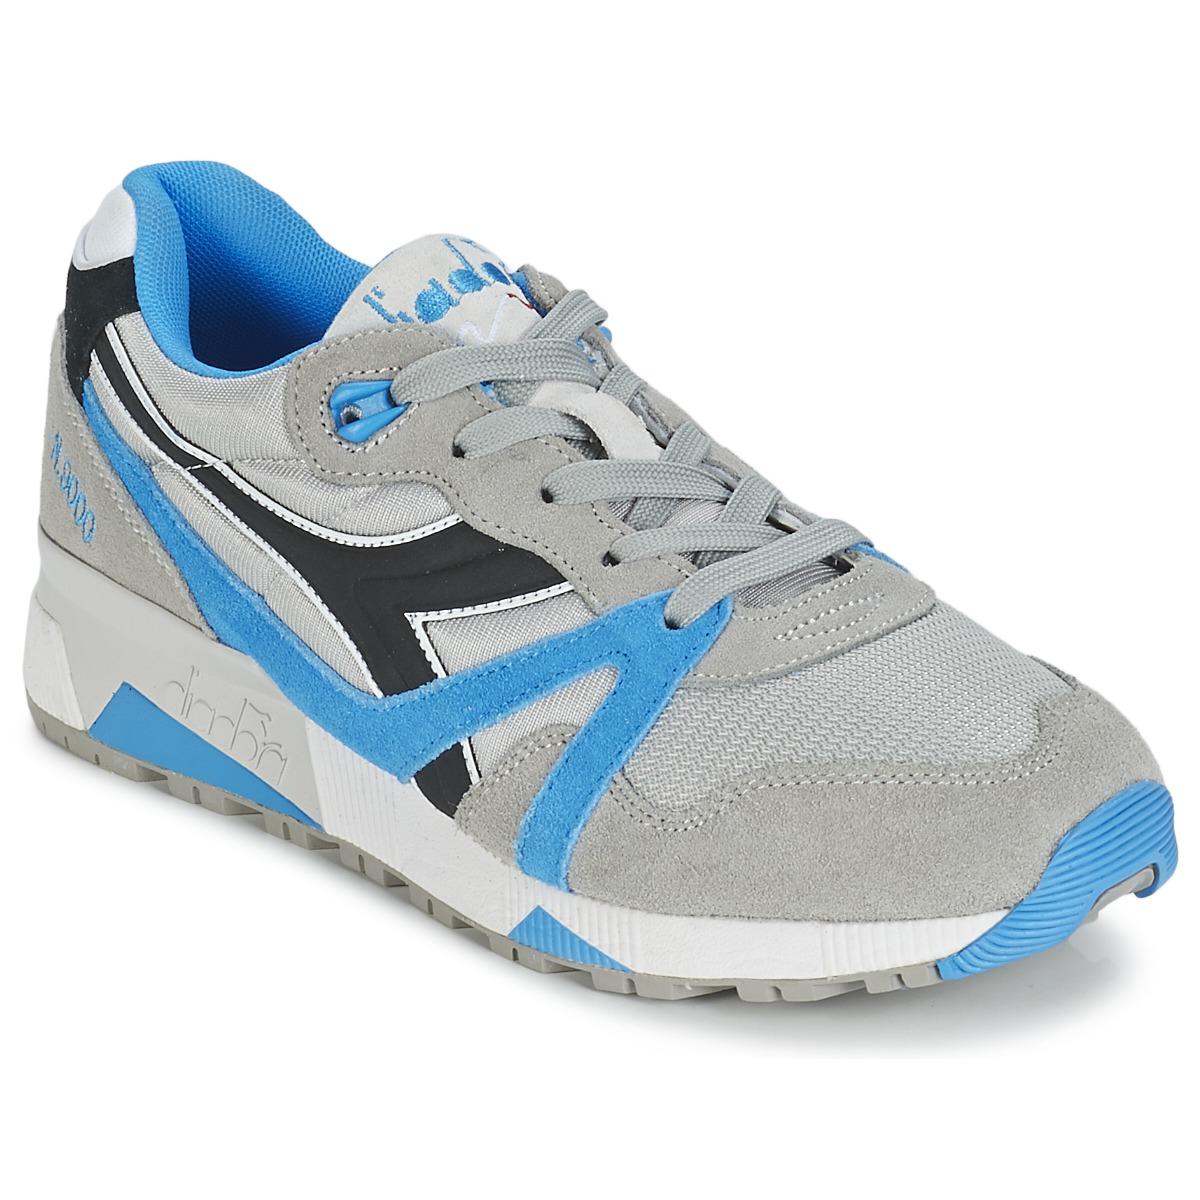 Diadora N9000  NYL Grau / Blau / Schwarz - Kostenloser Versand bei Spartoode ! - Schuhe Sneaker Low  62,50 €